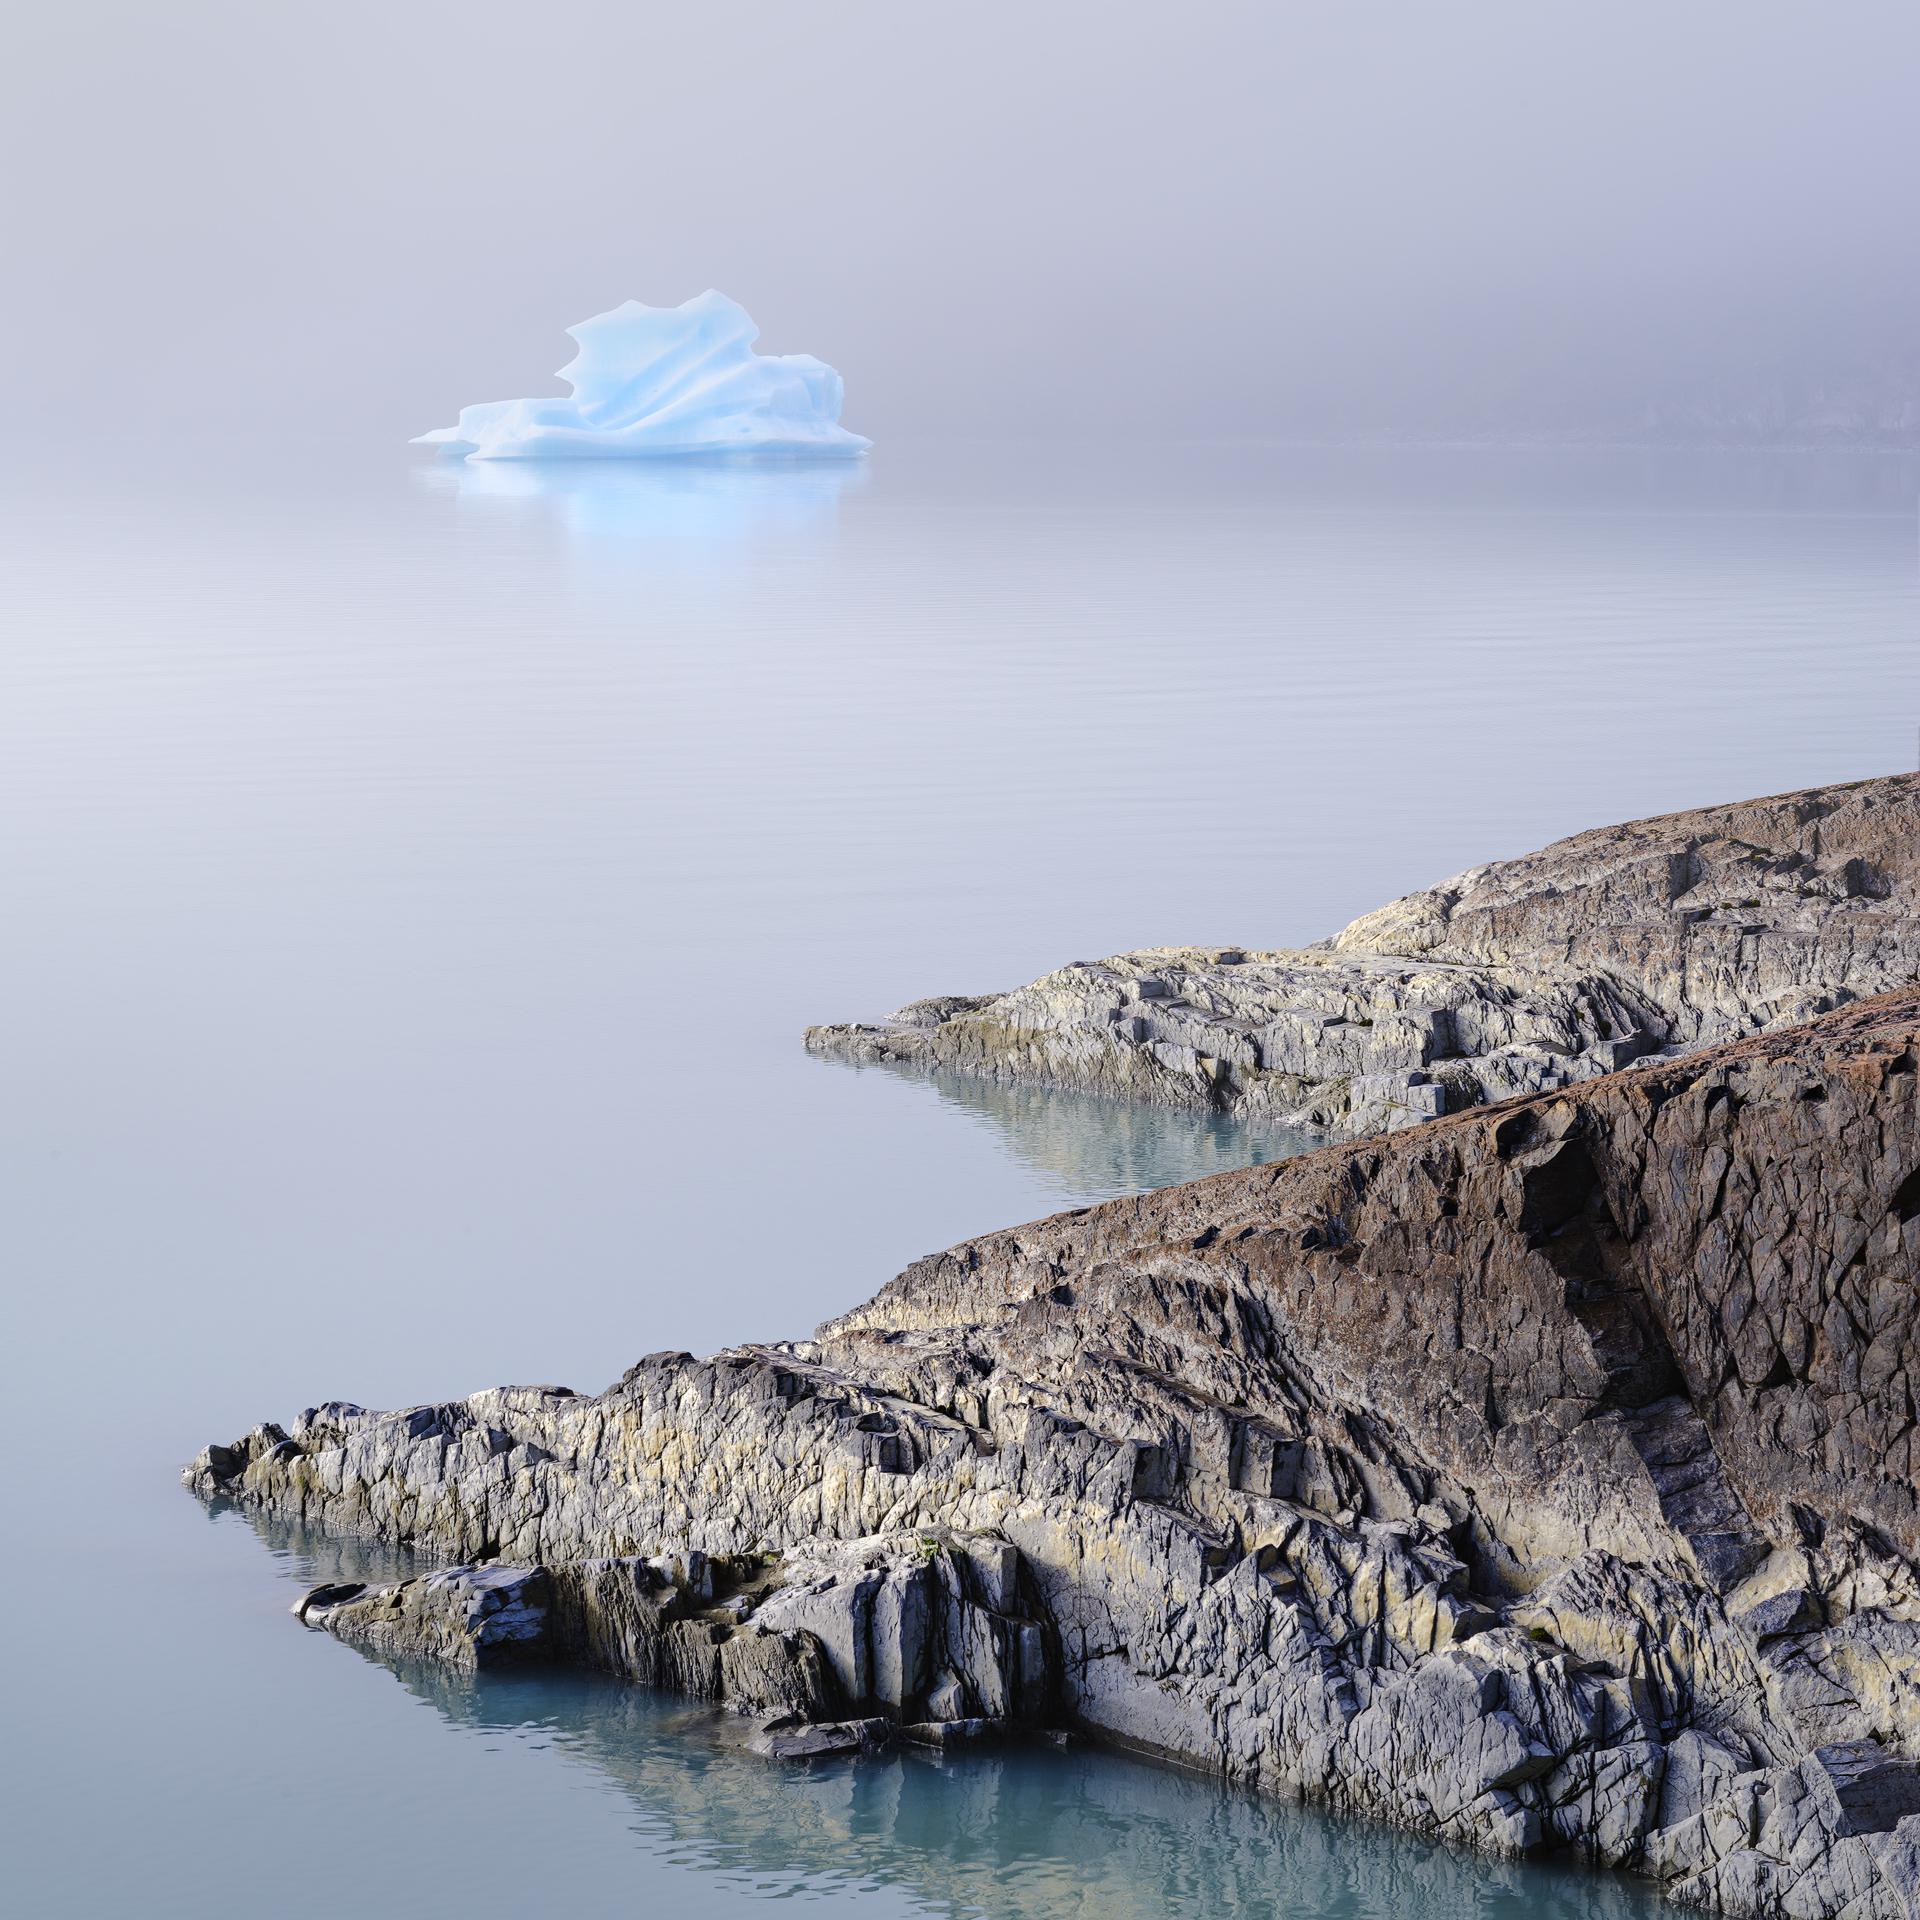 Lago Grey, study#3 - Torres del Paine, Patagonia